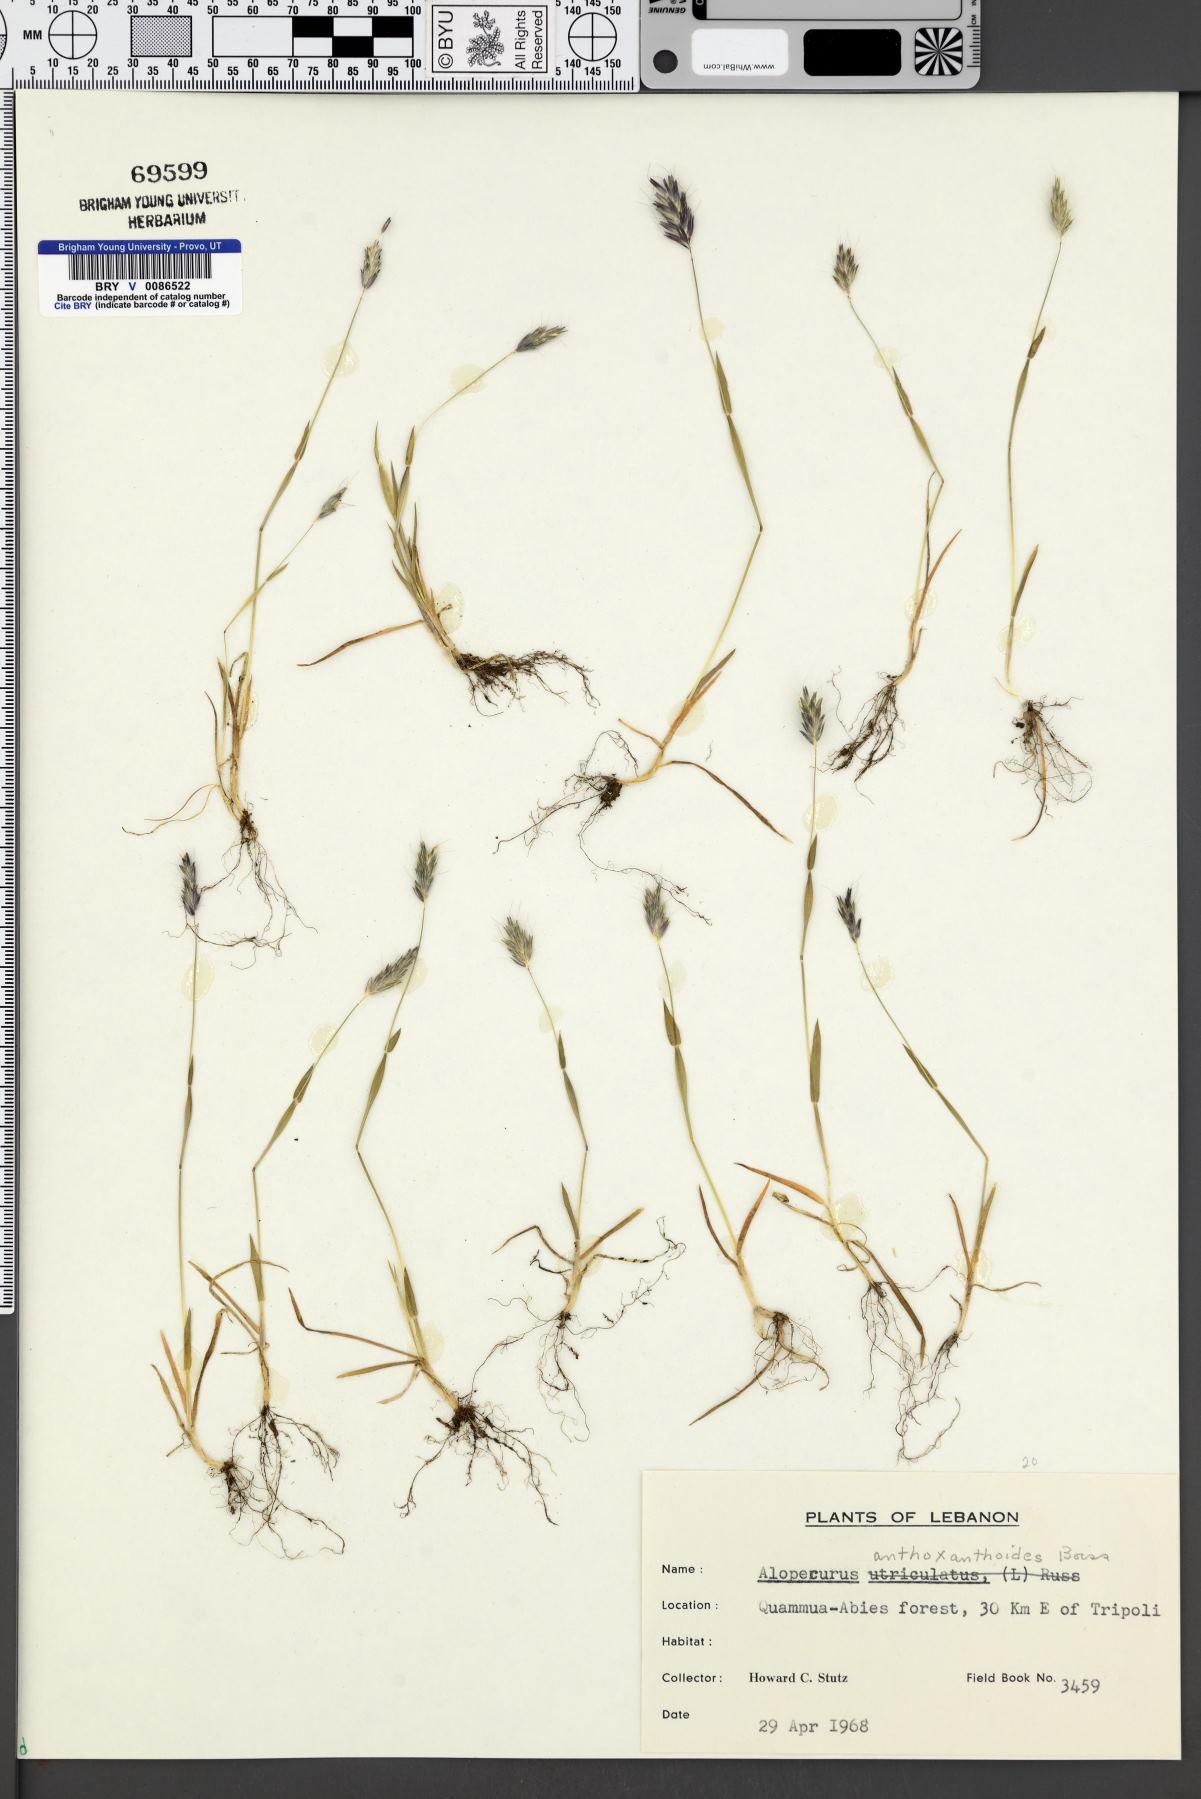 Alopecurus utriculatus subsp. anthoxanthoides image